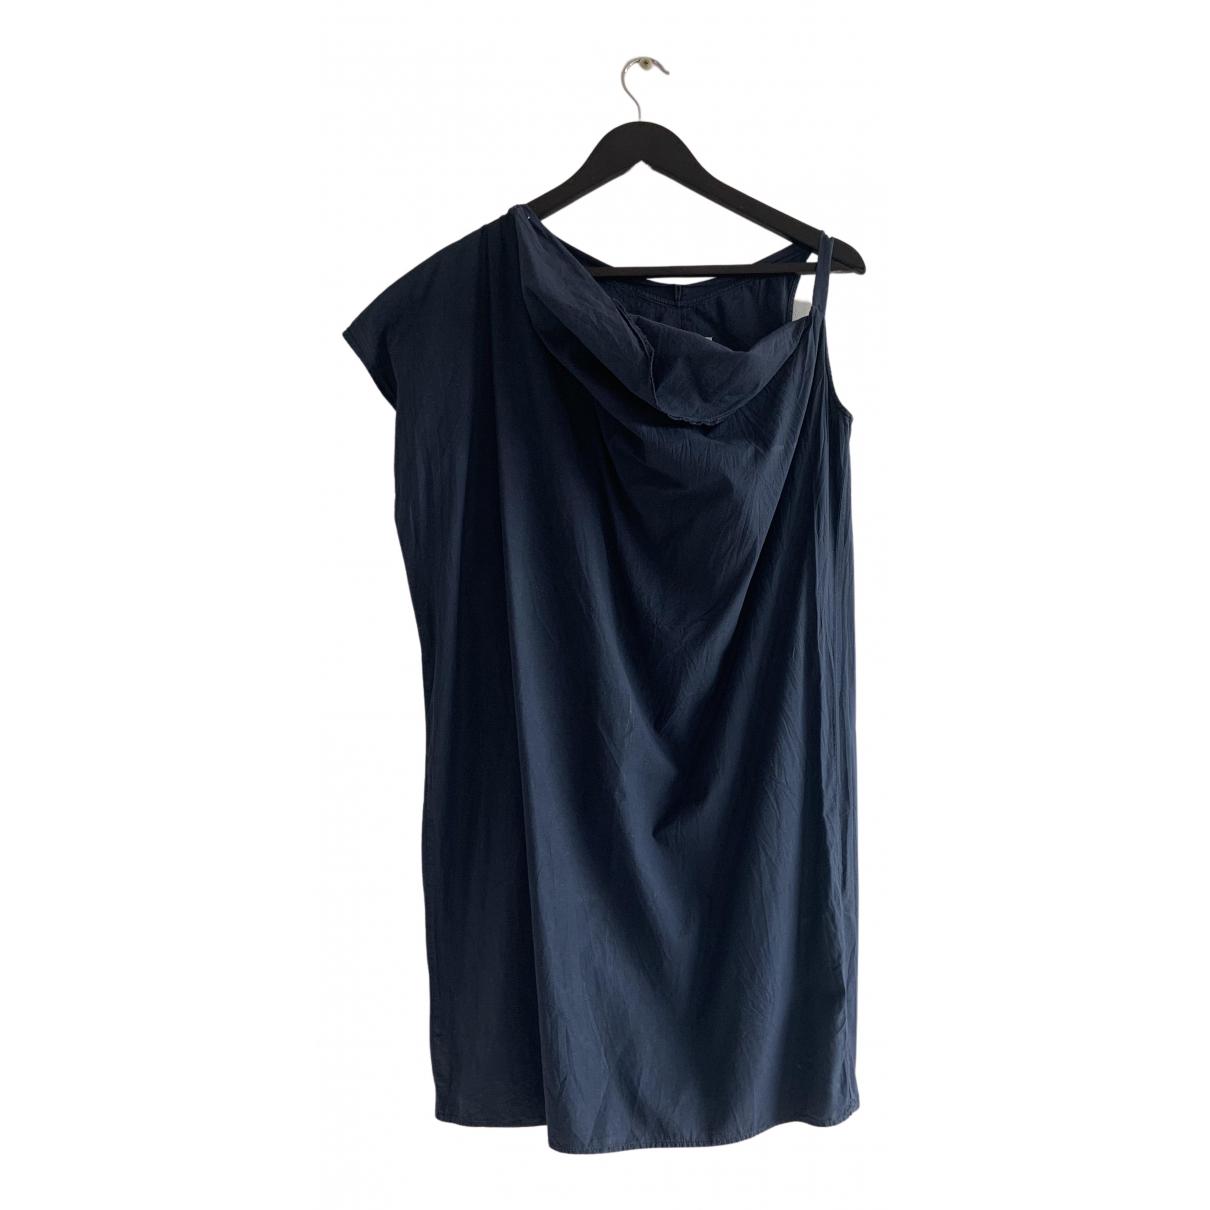 Mm6 \N Kleid in  Marine Leinen